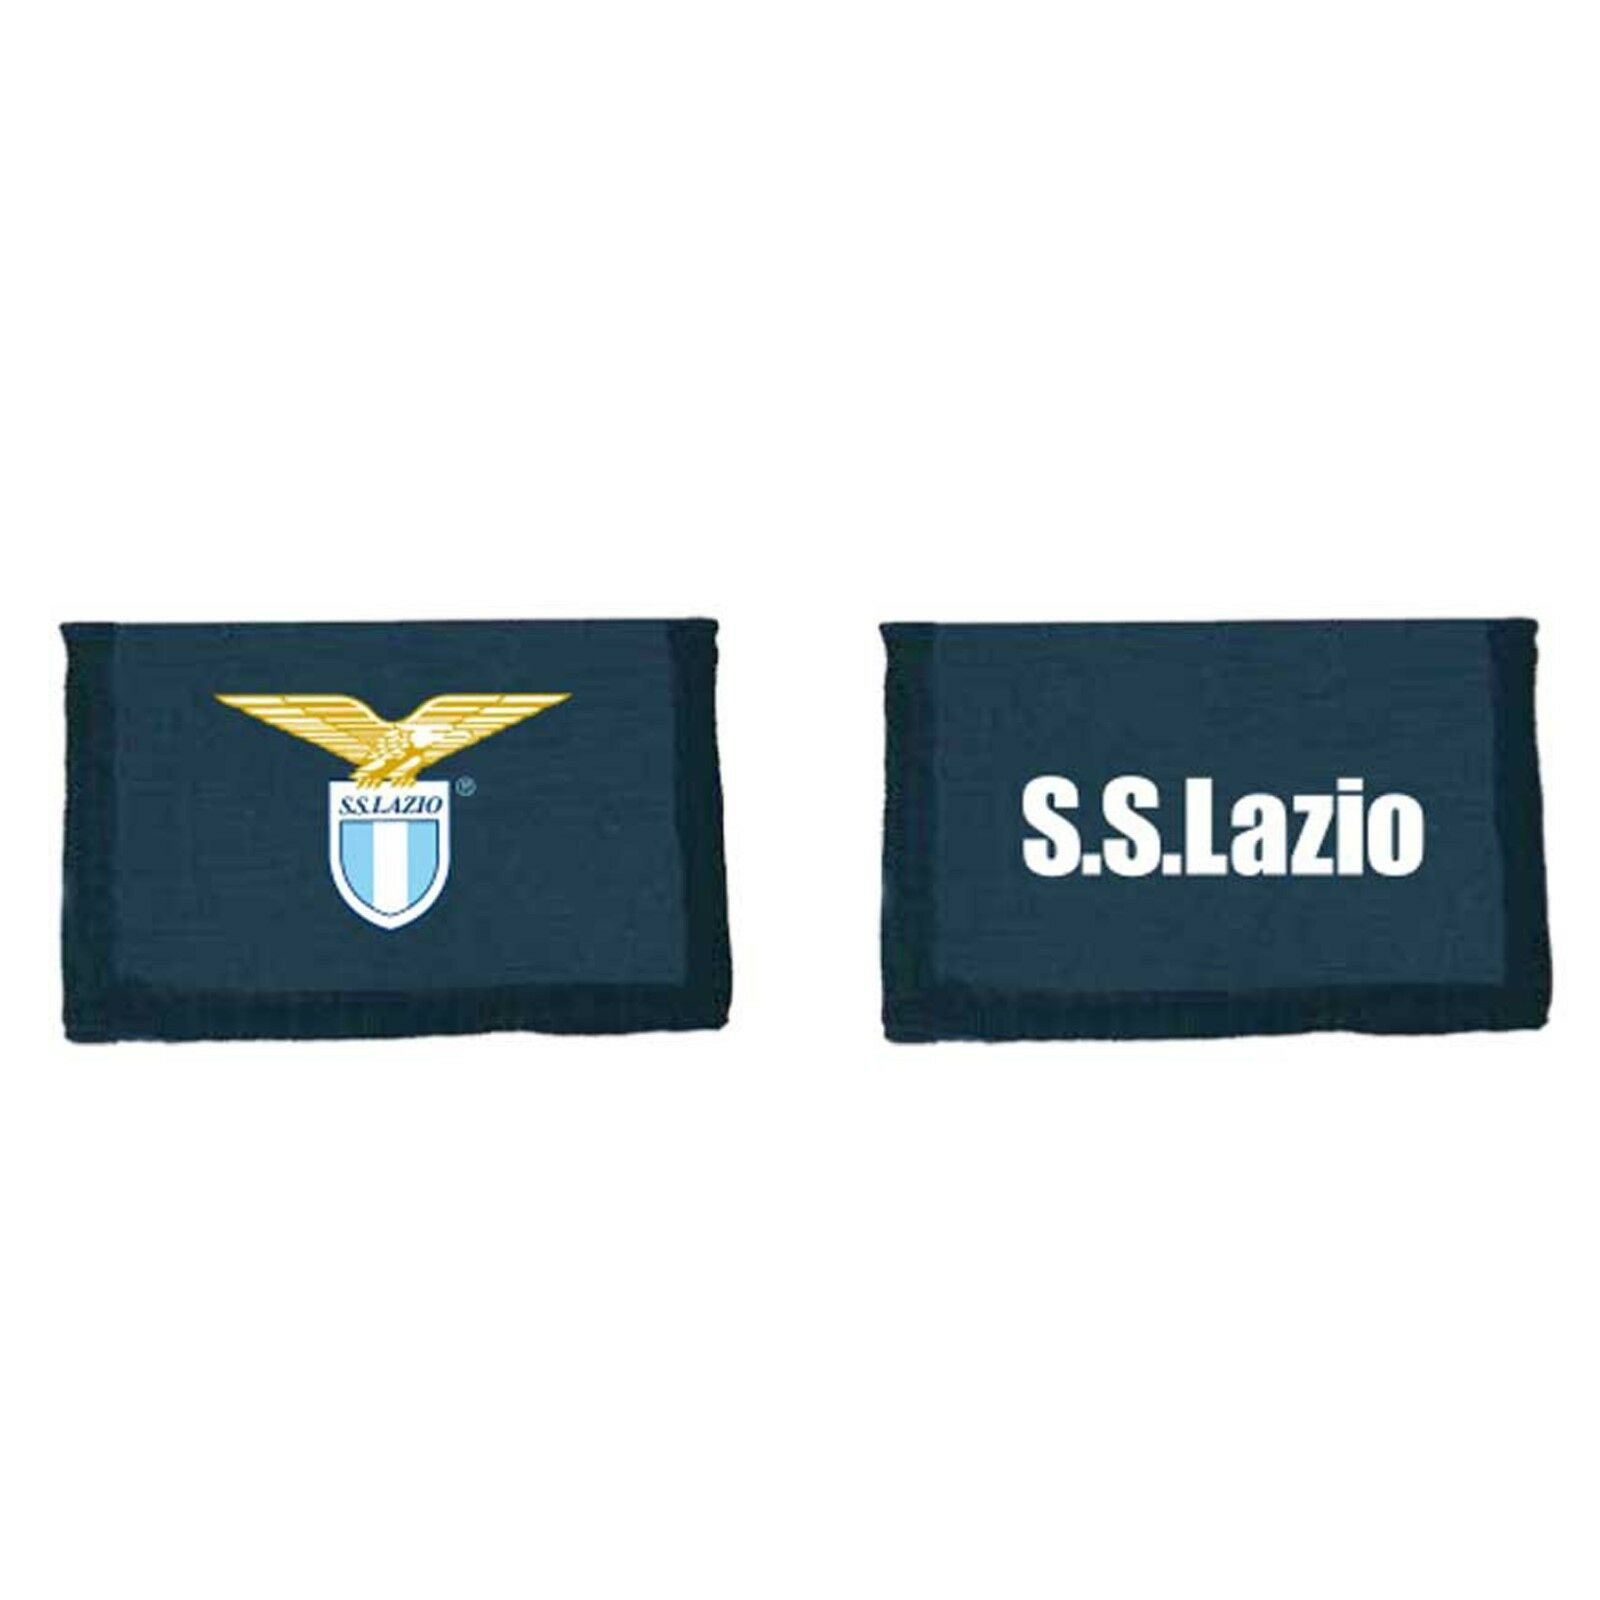 portafoglio LAZIO prodotto ufficiale in cordura stampato con il crest logo